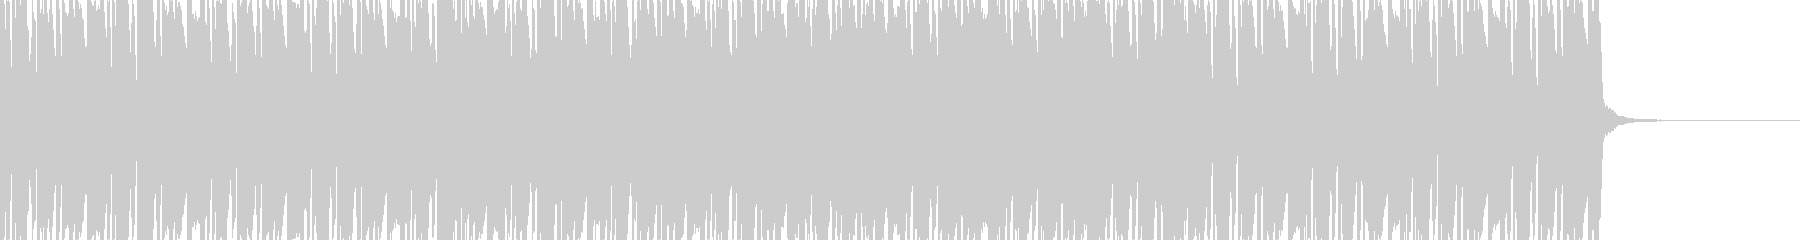 日常系 ゲームのBGM系の未再生の波形